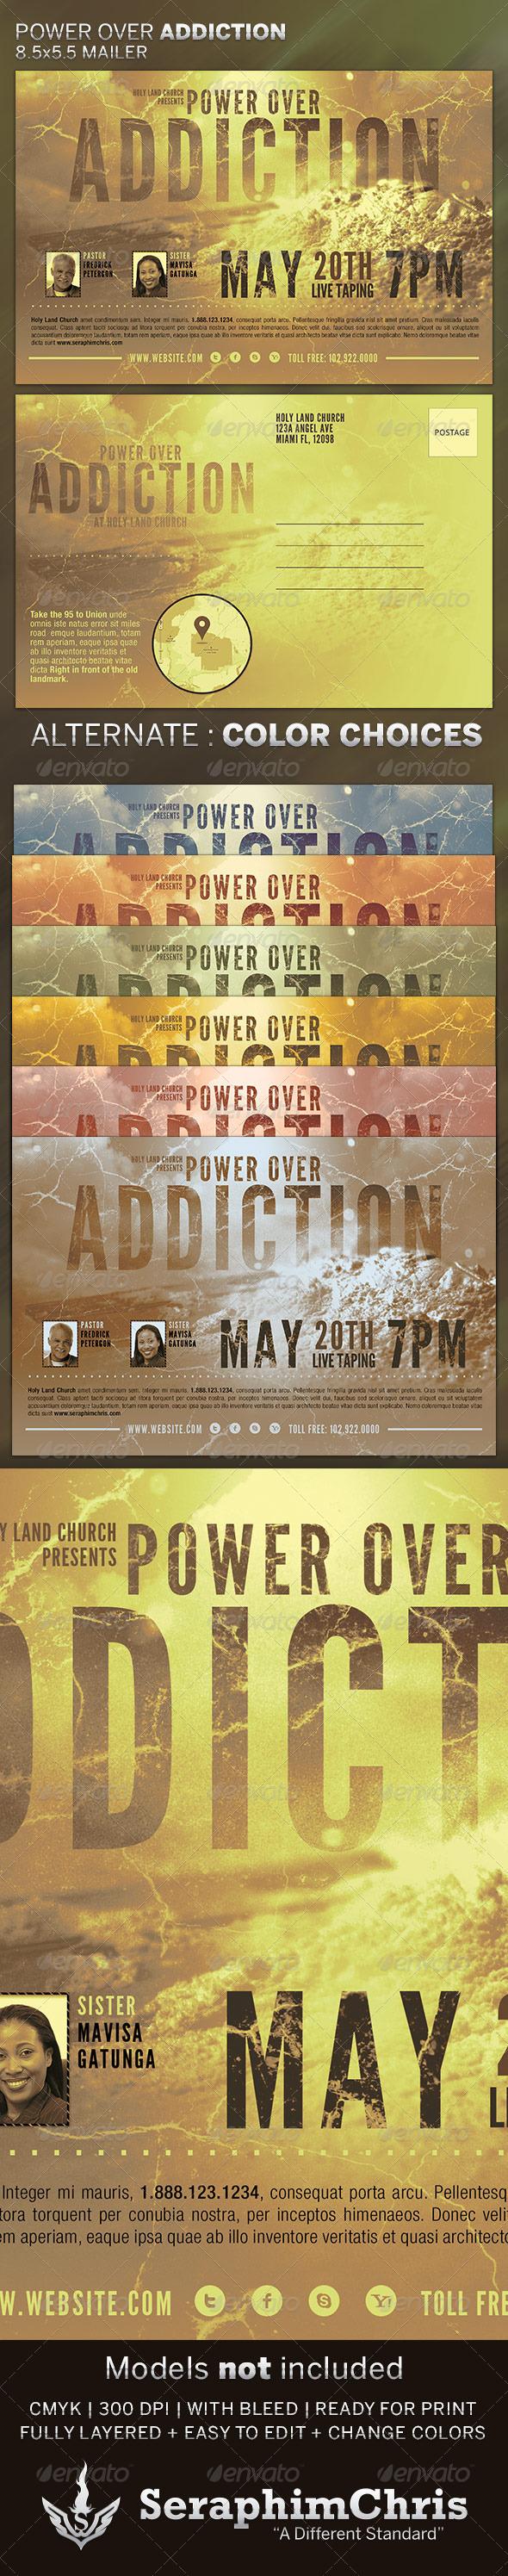 Power over Addiction: Church Flyer Template - Church Flyers